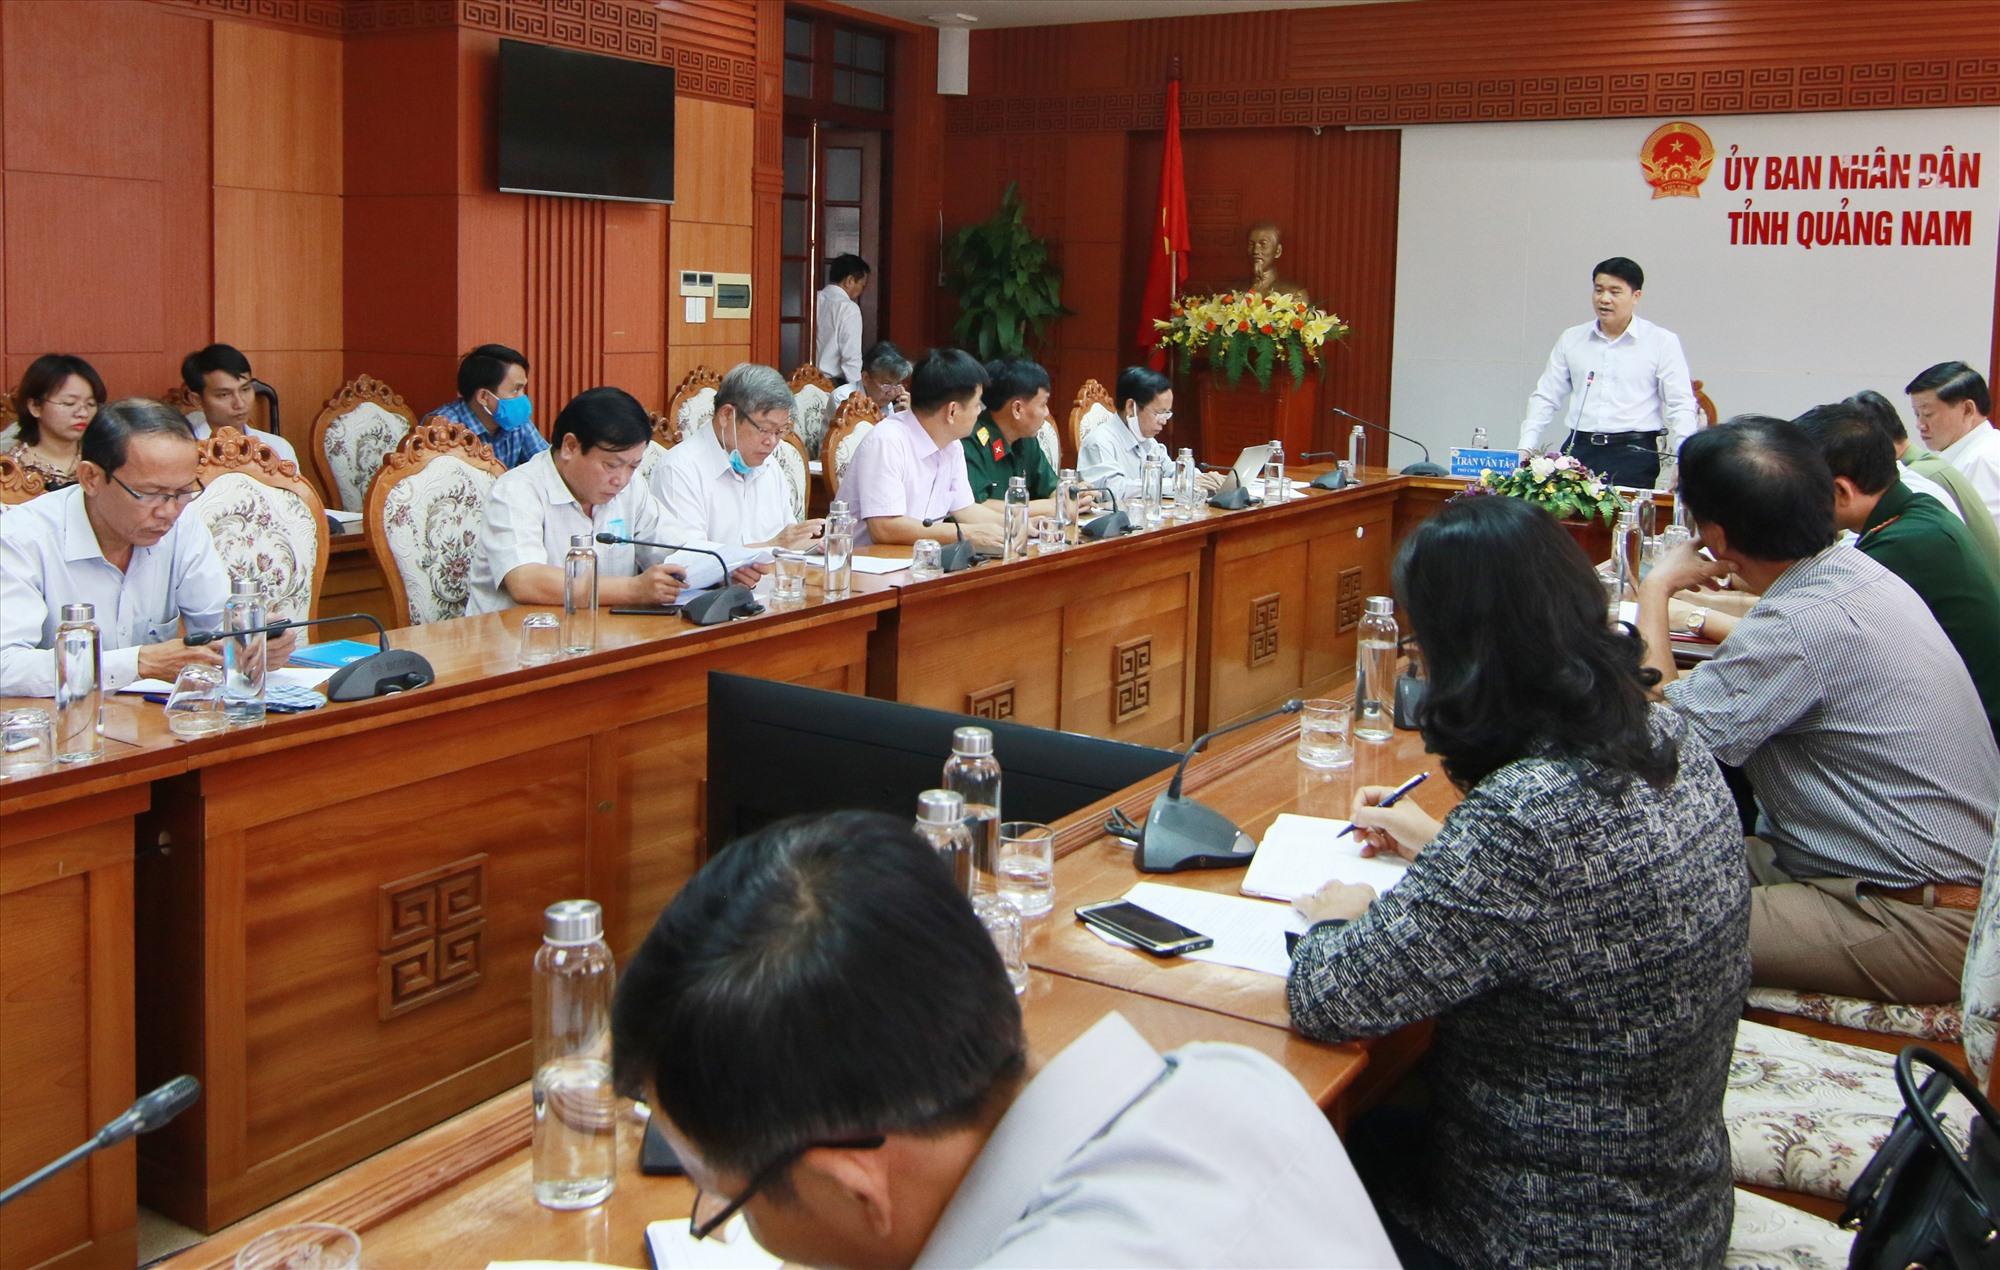 Quang cảnh buổi họp Ban Chỉ đạo phòng chống dịch Covid-19 tỉnh vào sáng 27.7. Ảnh: C.H